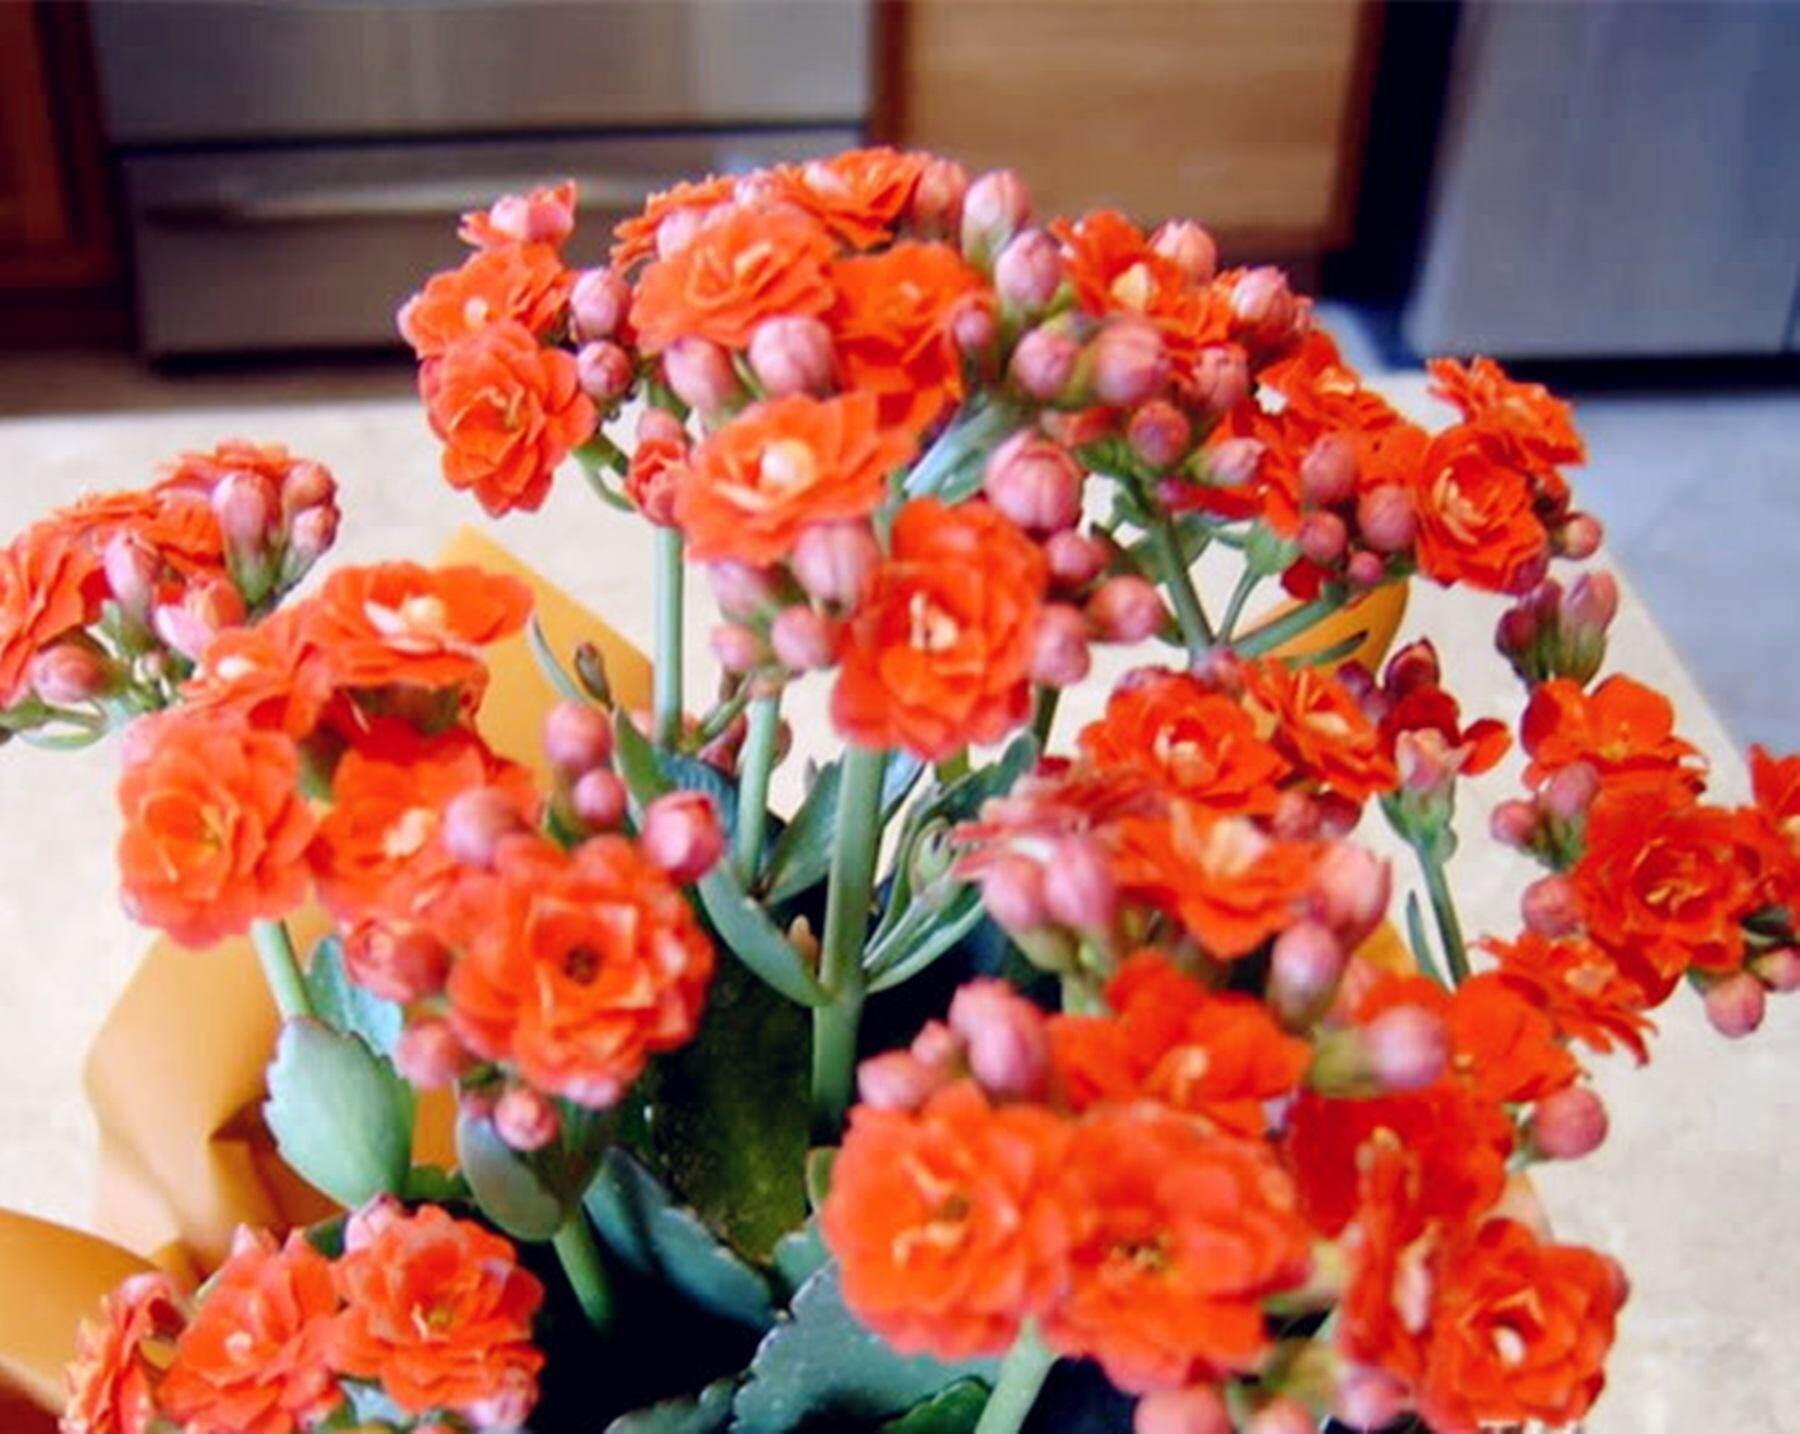 ขายส่ง 100 เมล็ด กุหลาบหิน Kalanchoe Blossfeldiana กาลังโช Kalanchoe วงศ์กุหลาบหิน Crassulaceae ไม้พุ่มอวบน้ำ ไม้มงคล แคคตัส ไม้อวบน้ำ กระบองเพชร เมล็ดพันธุ์นำเข้า ไม้สวยงาม Flaming Katy ไลทอป Succulent Cactus ต้นไม้มงคล ต้นไม้จิ๋ว ต้นไม้นำโชค Wholesale By Mongkol Life